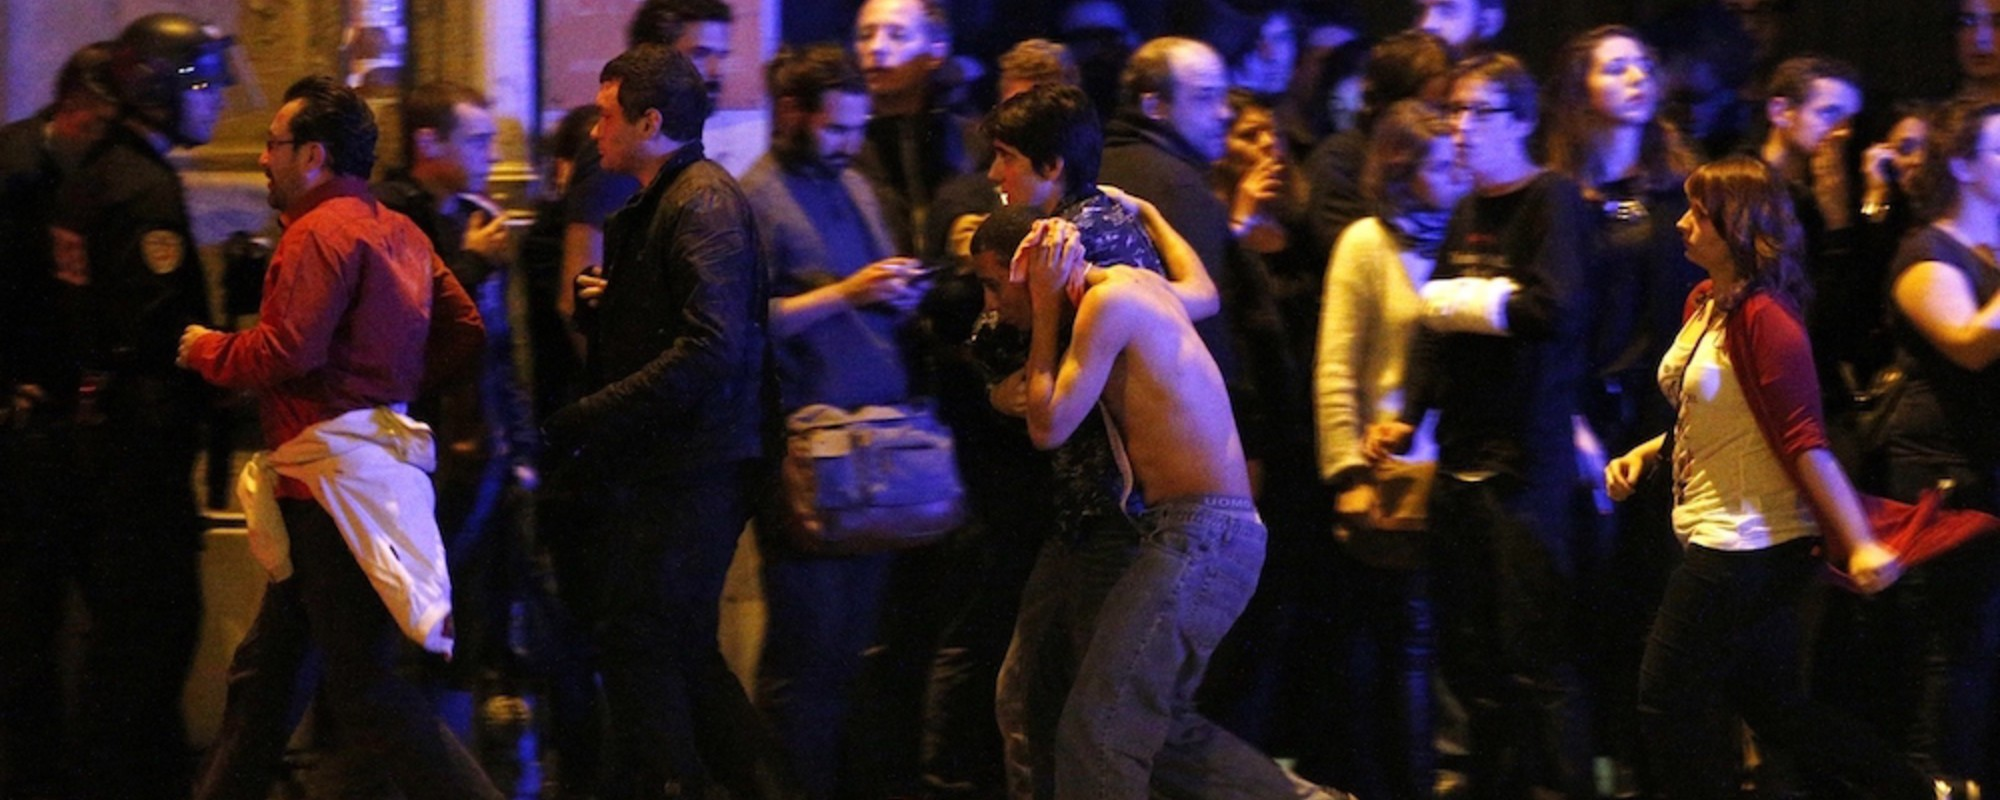 Fotografii dramatice, făcute imediat după atentatele din Paris